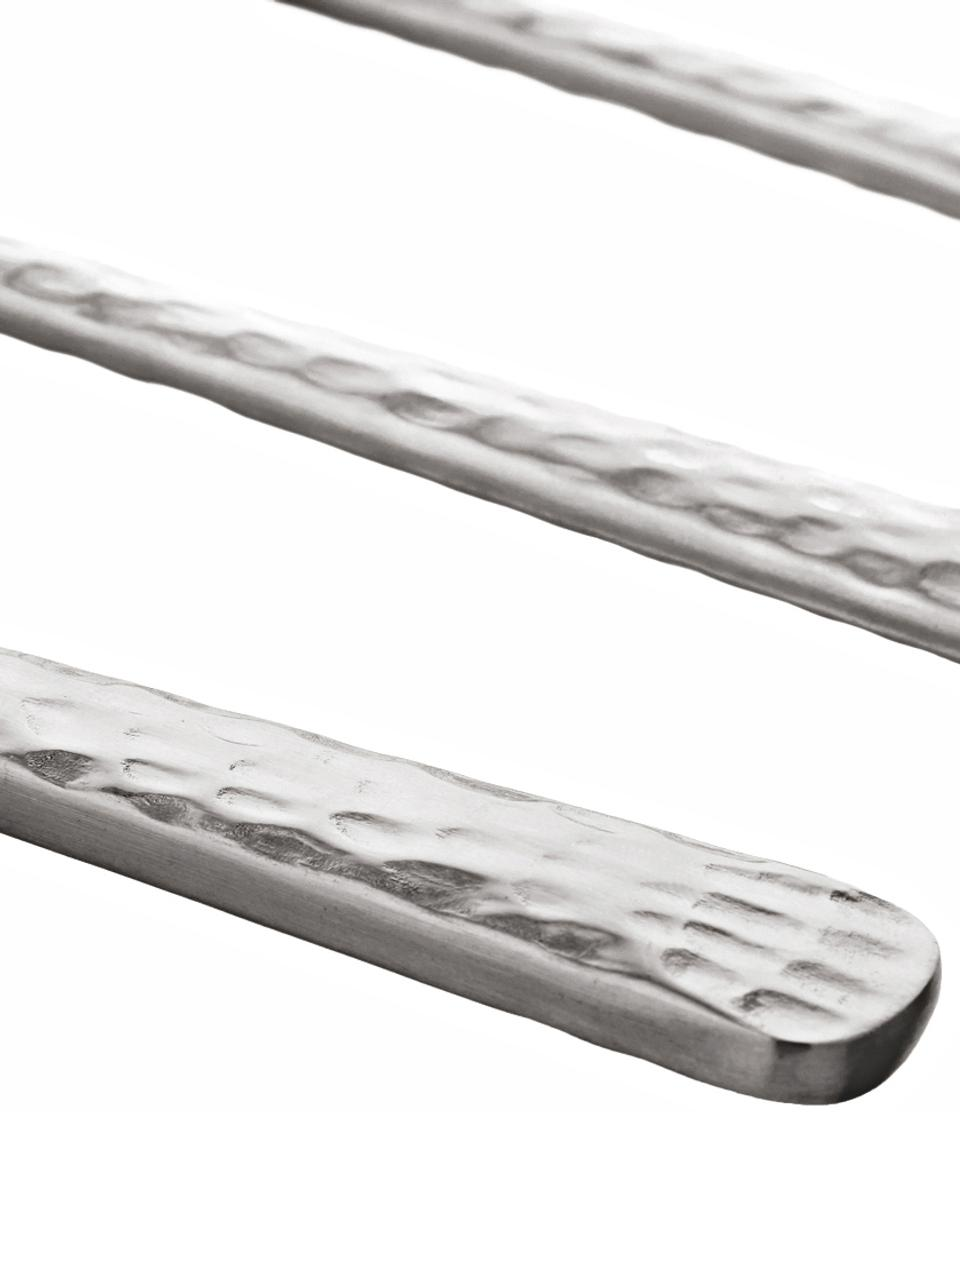 Ménagère en acier inoxydable avec manche martelée Hune, 4 personnes (16élém.), Acier